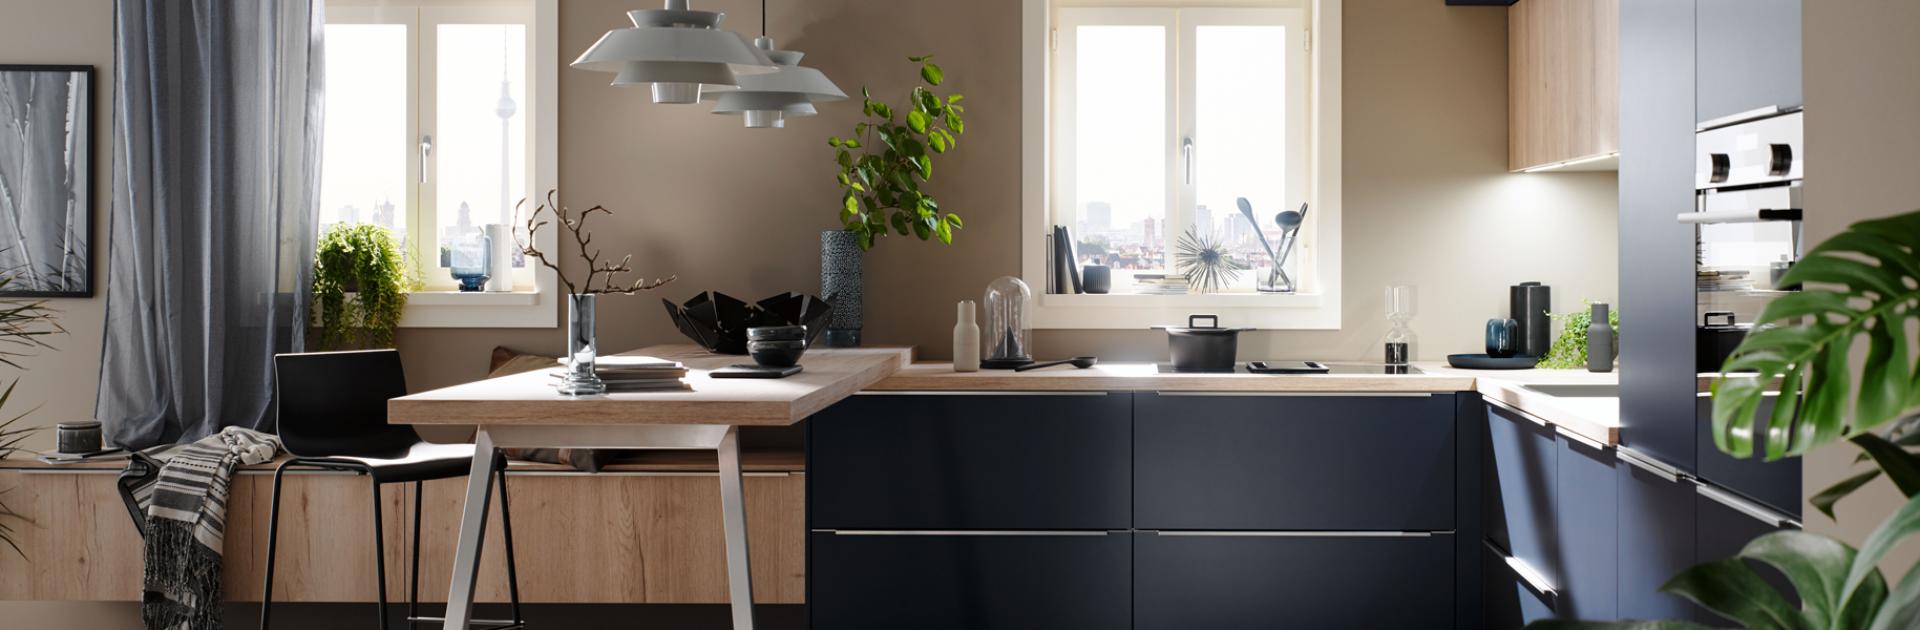 Moderne keukens | Showroom Hoofddorp | EKG